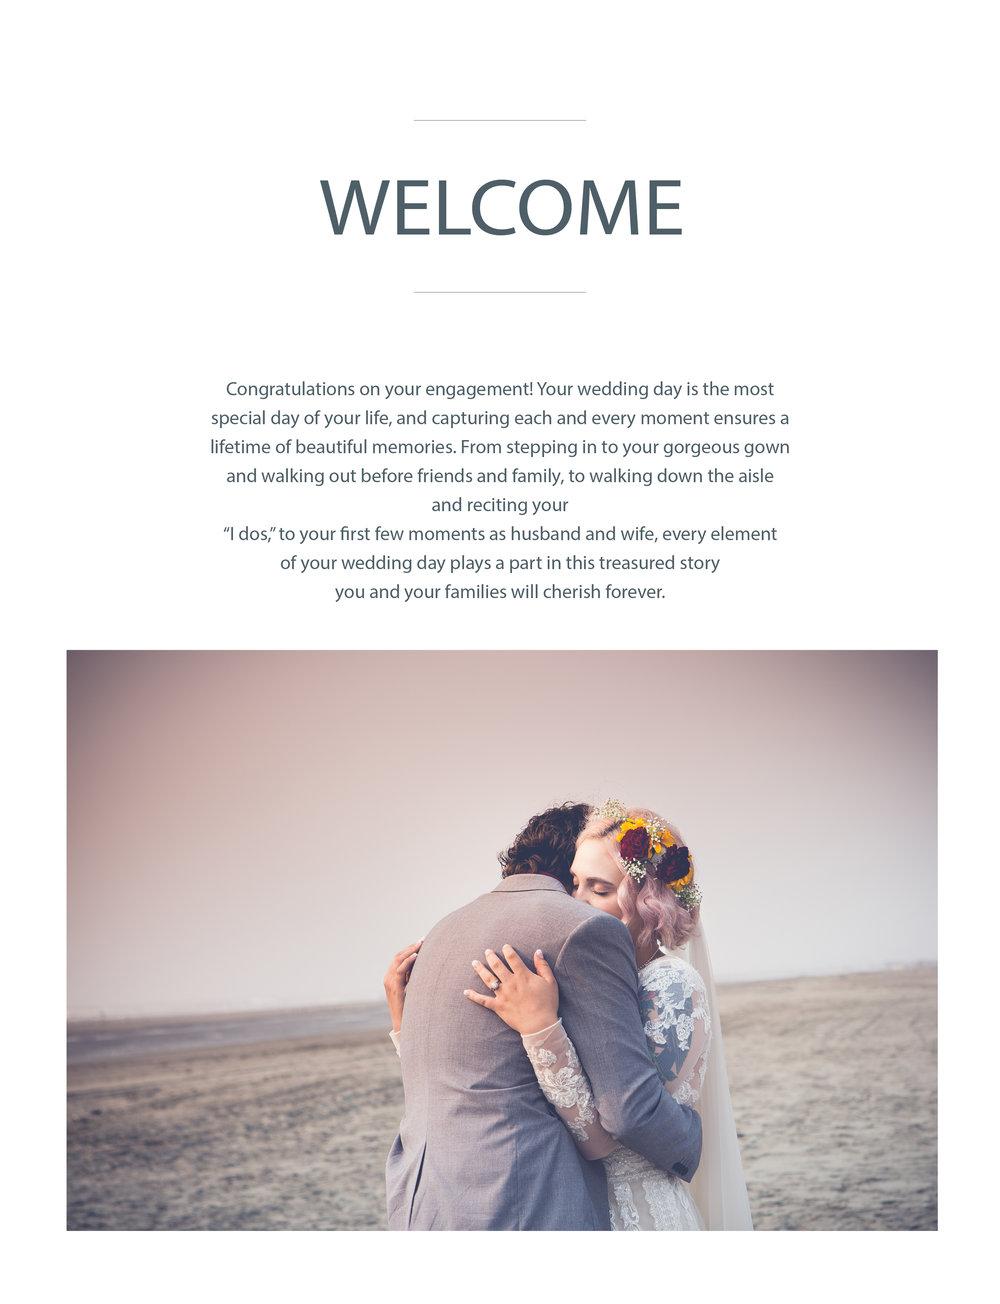 Wedding Welcome 02.jpg